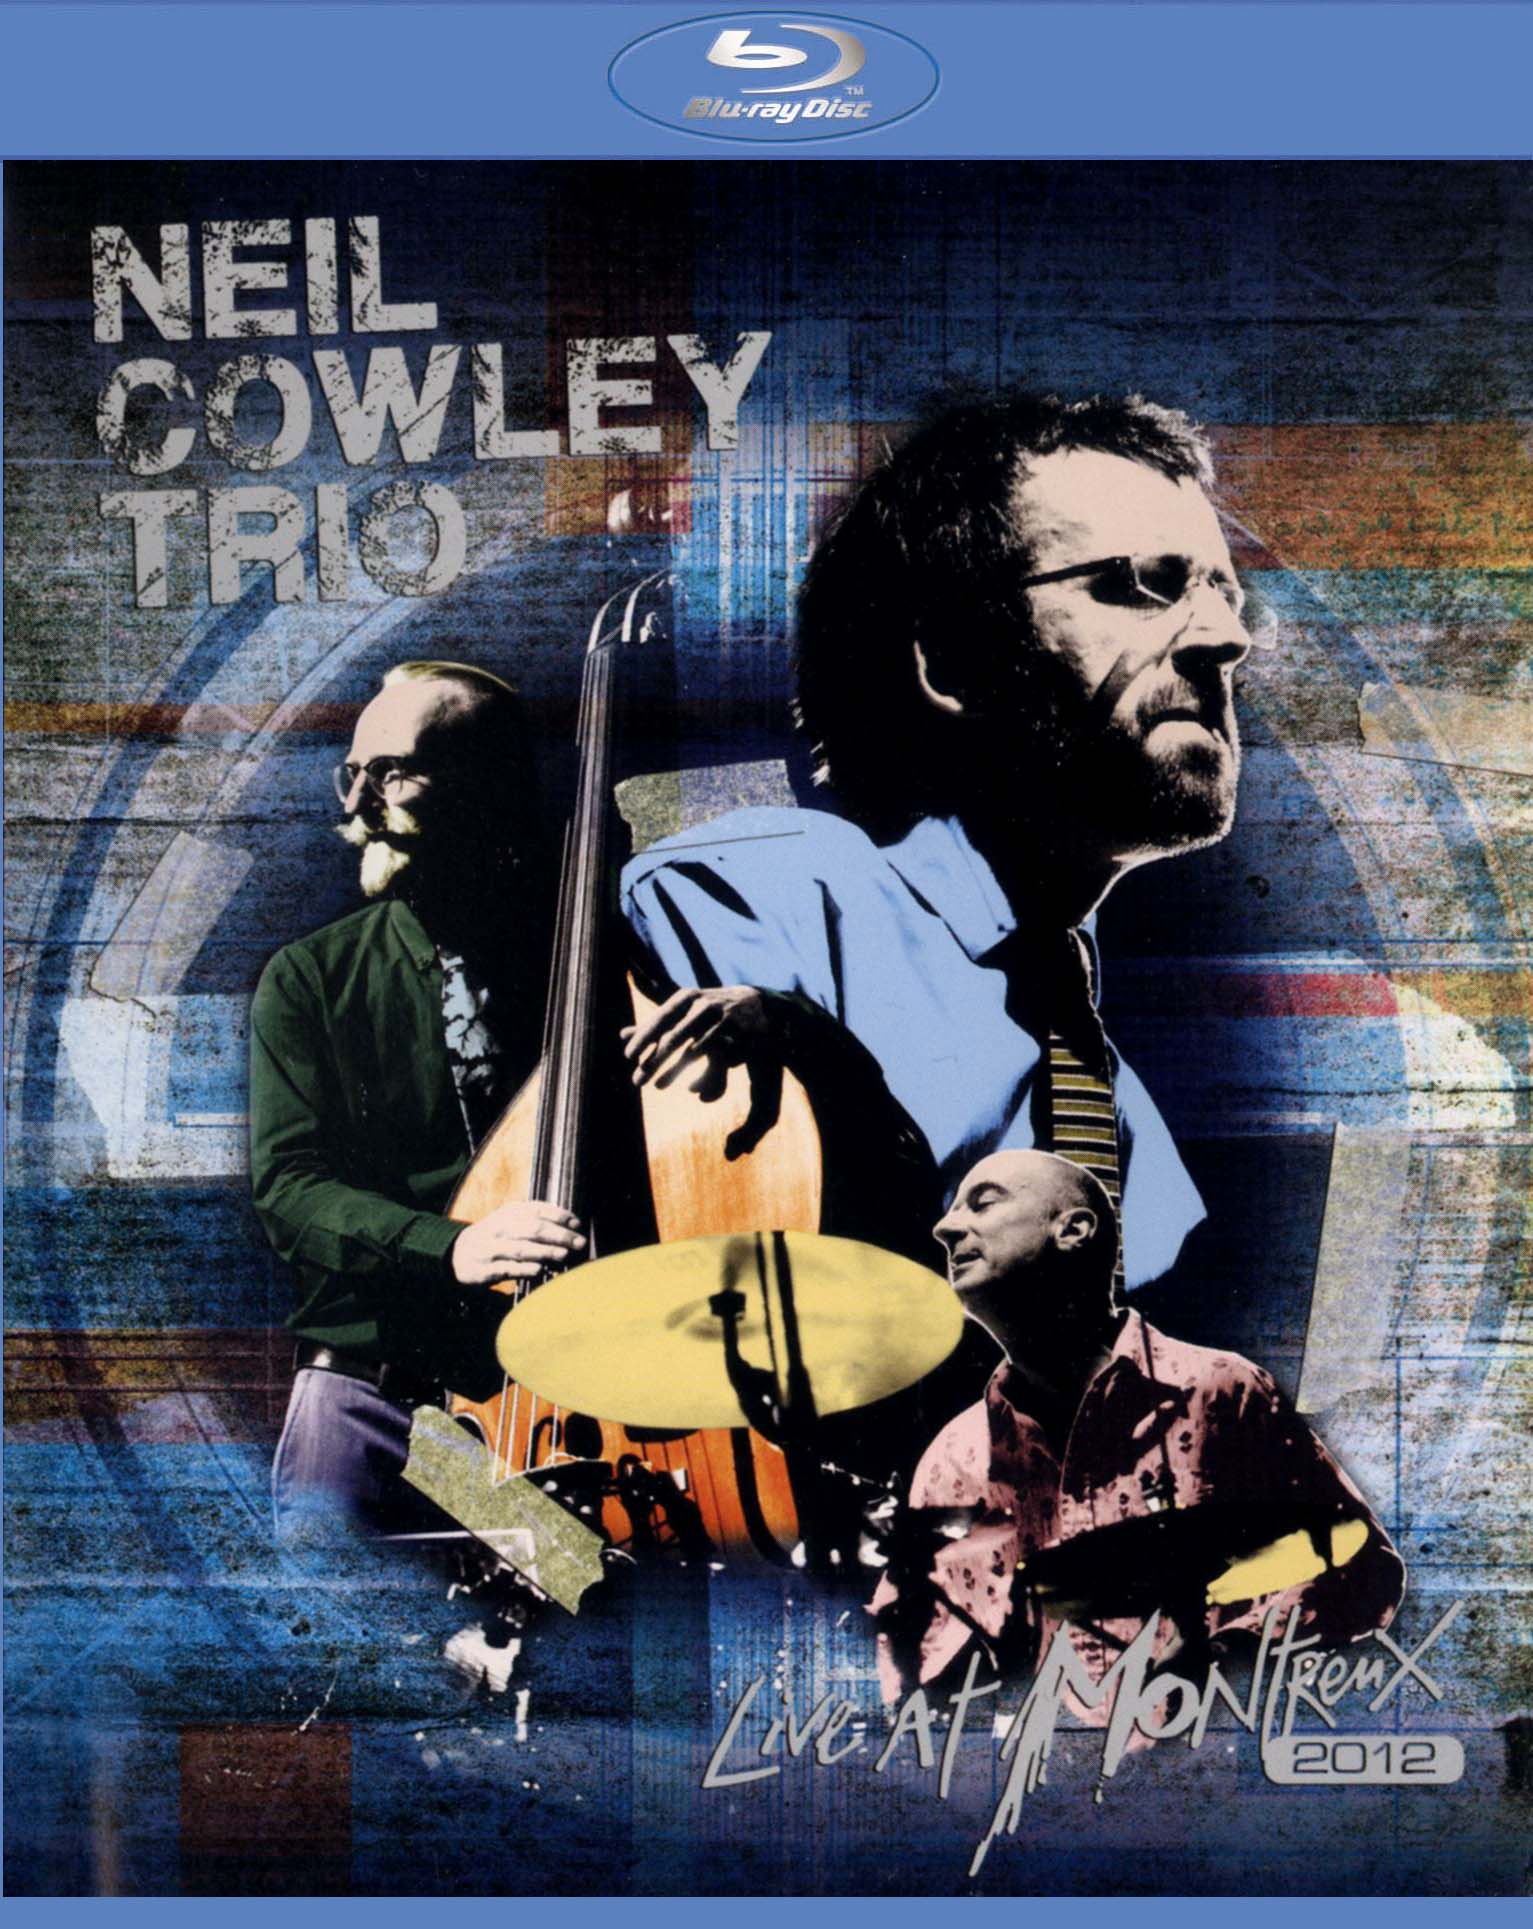 Neil Cowley Trio: Live at Montreux 2012